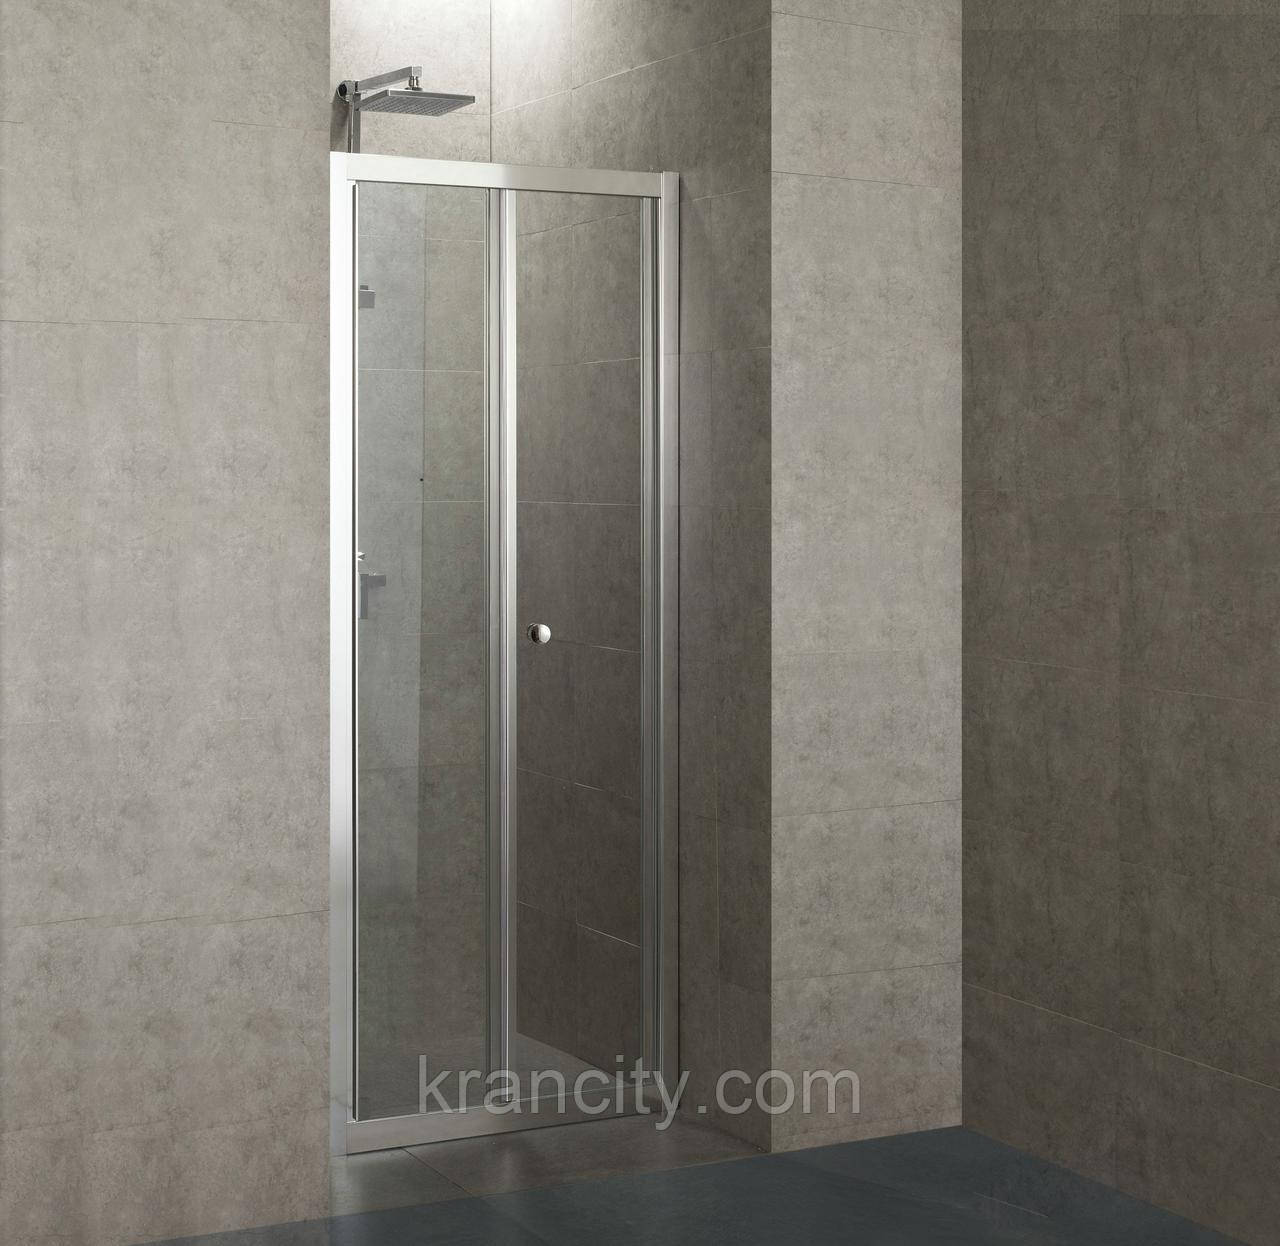 Двері душова bifold 80*185 прозора EGER 599-163-80